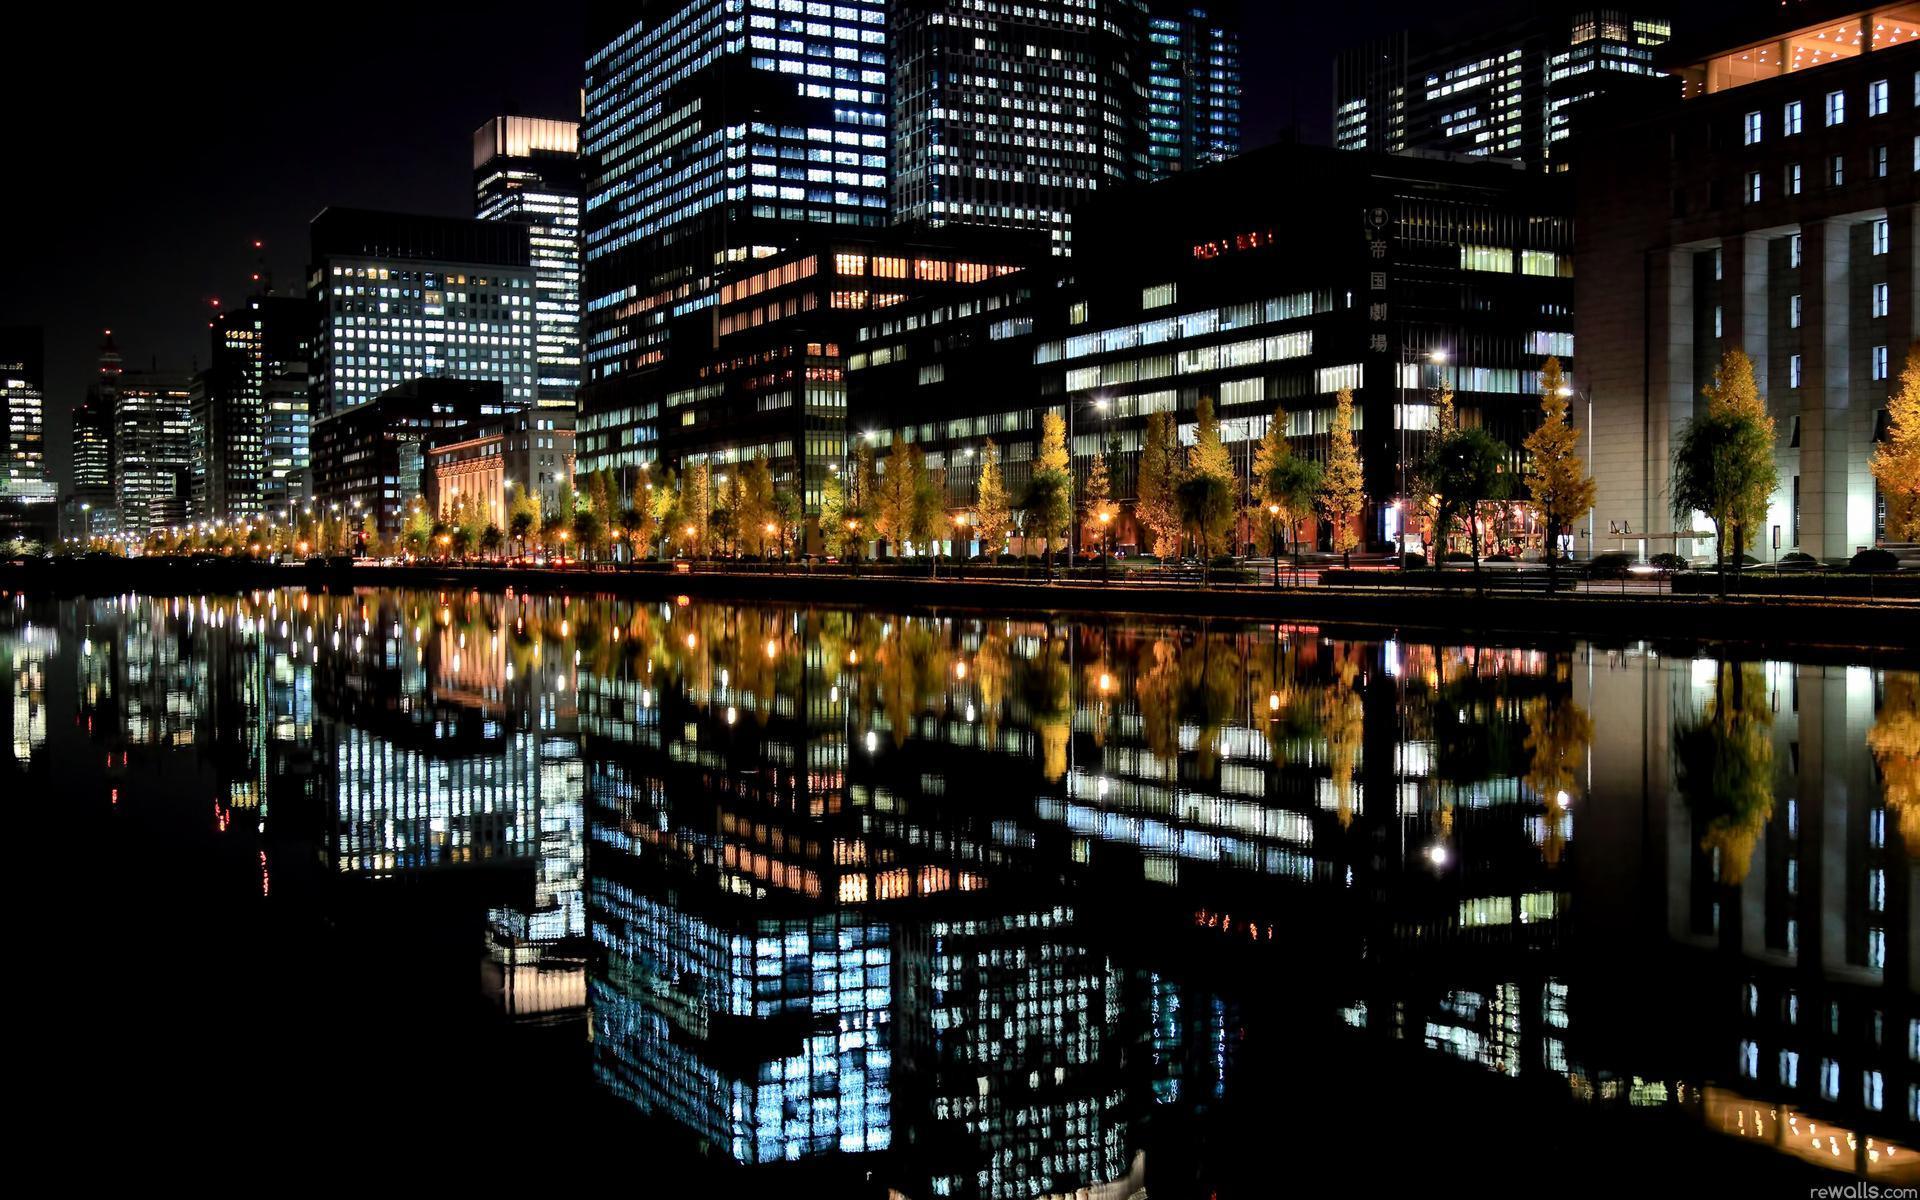 Картинки ночных городов